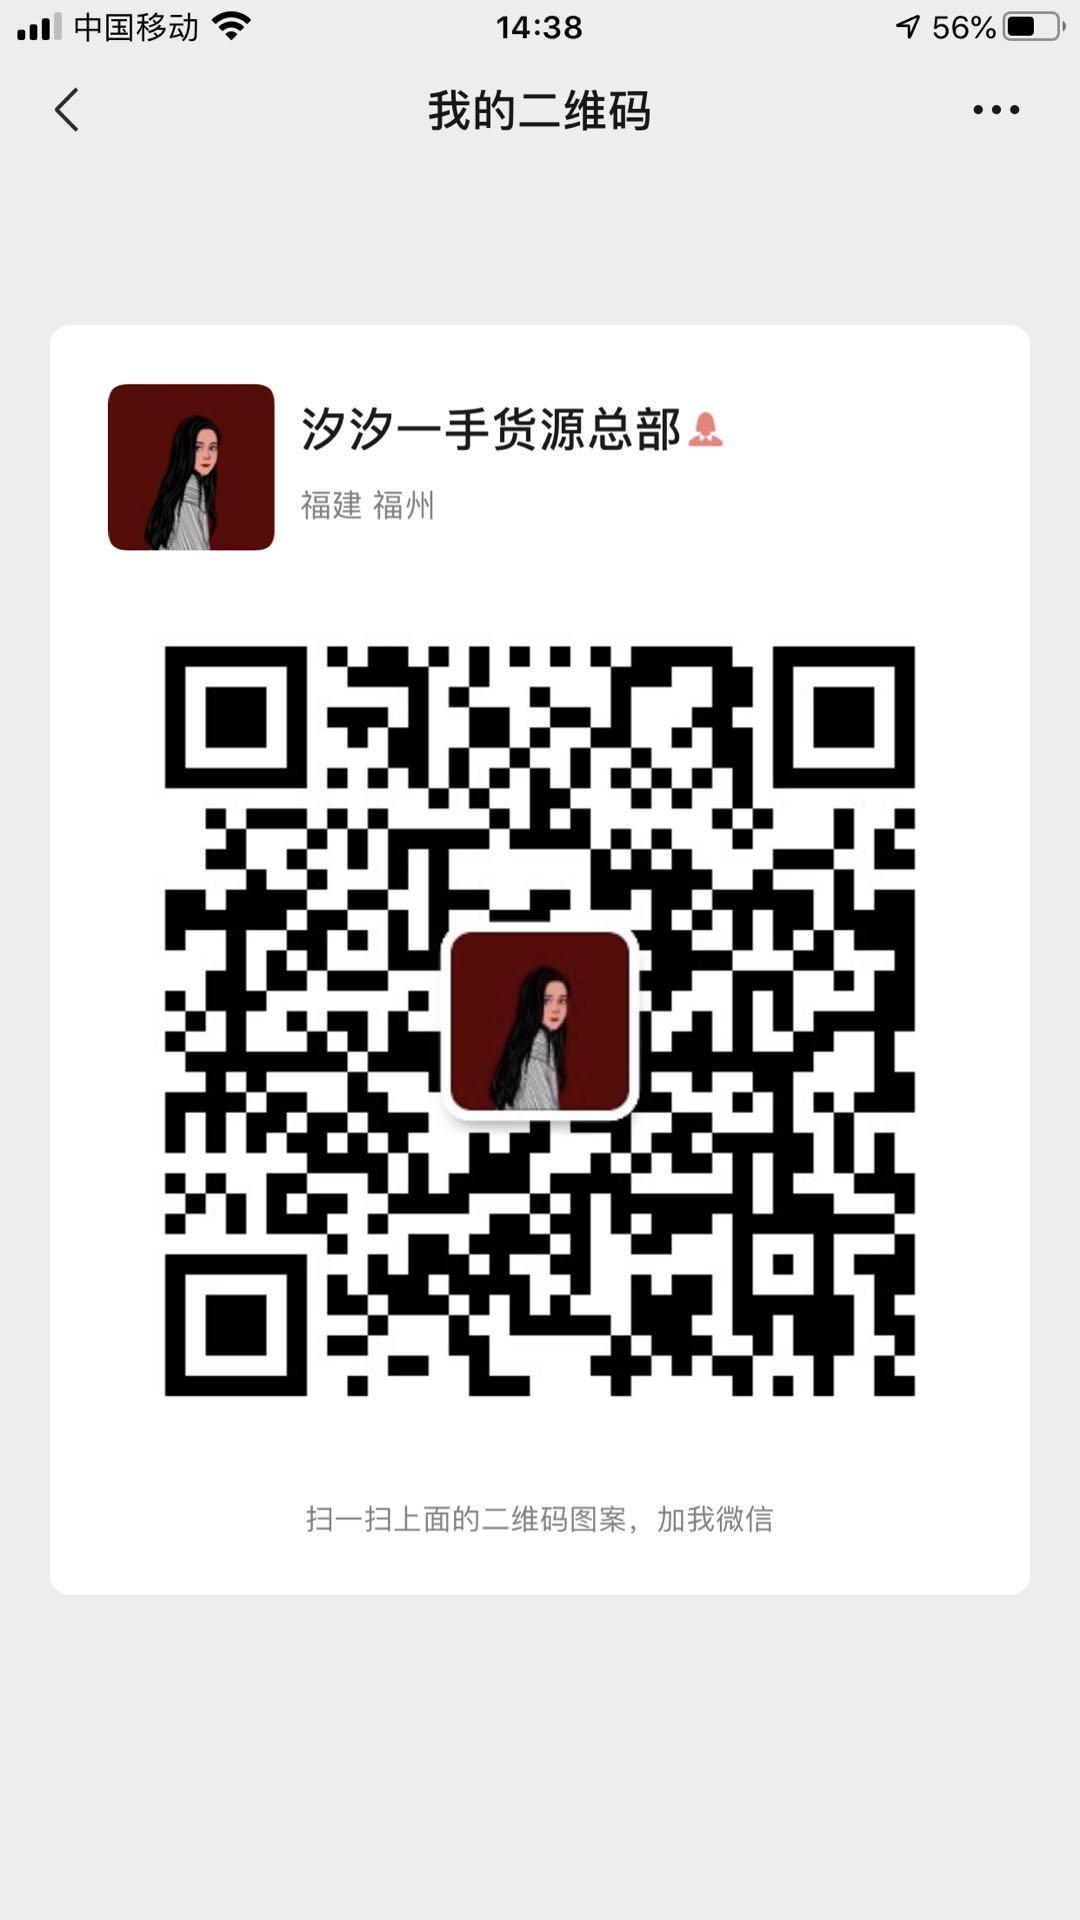 .\..\..\..\..\..\..\AppData\Local\Temp\WeChat Files\93510bc751af2b169efb8e5a511ffa03_.jpg